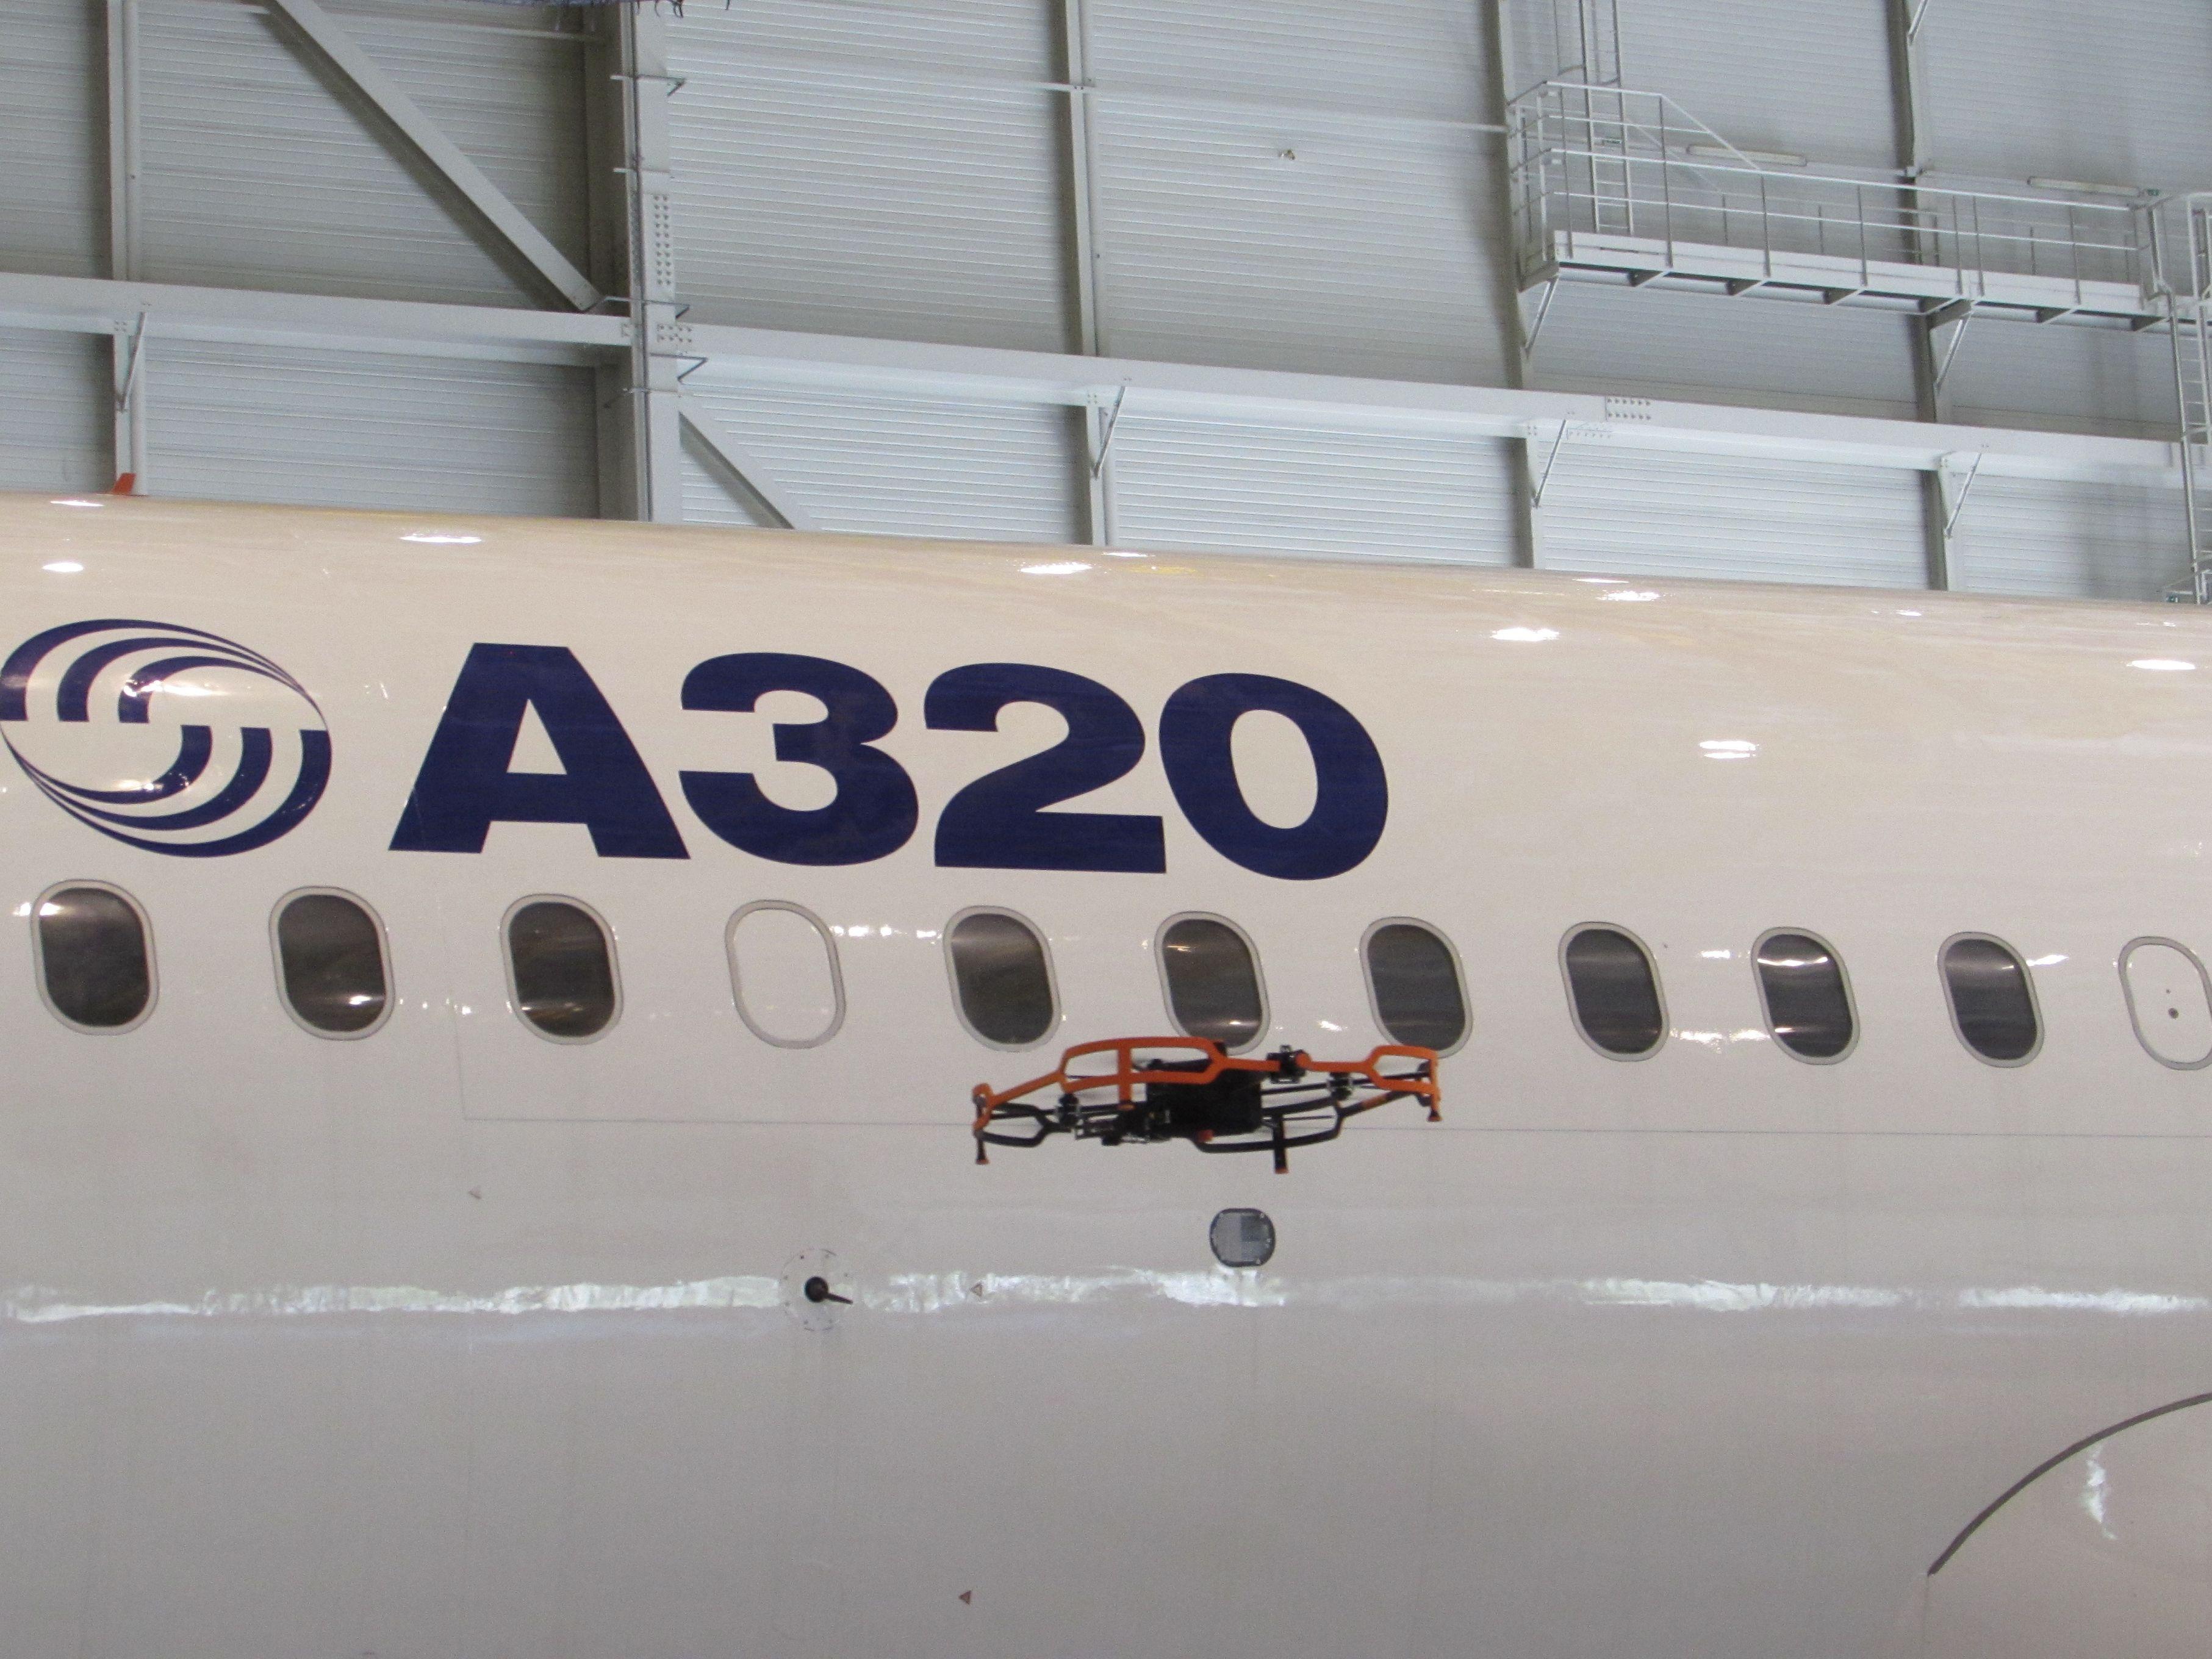 Med Airbus'Advanced InspectionDronekan inspektion af i første omgang fly fra A320-familien gøres på fire timer – mens det manuelt typisk vil tage en arbejdsdag, hedder det fra Airbus. Foto: Airbus.